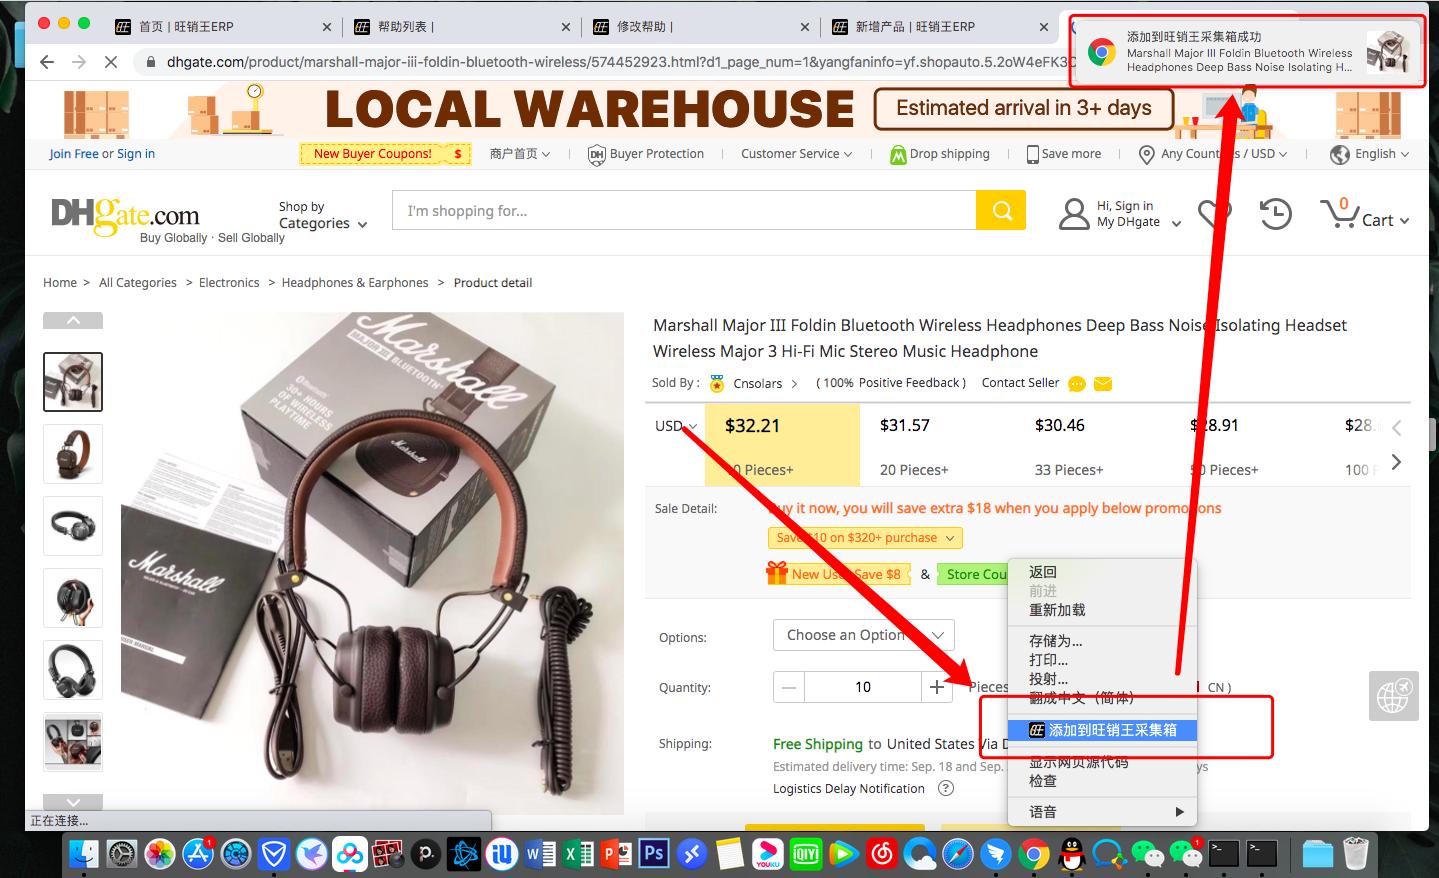 采集敦煌产品时必须先访问单个产品信息